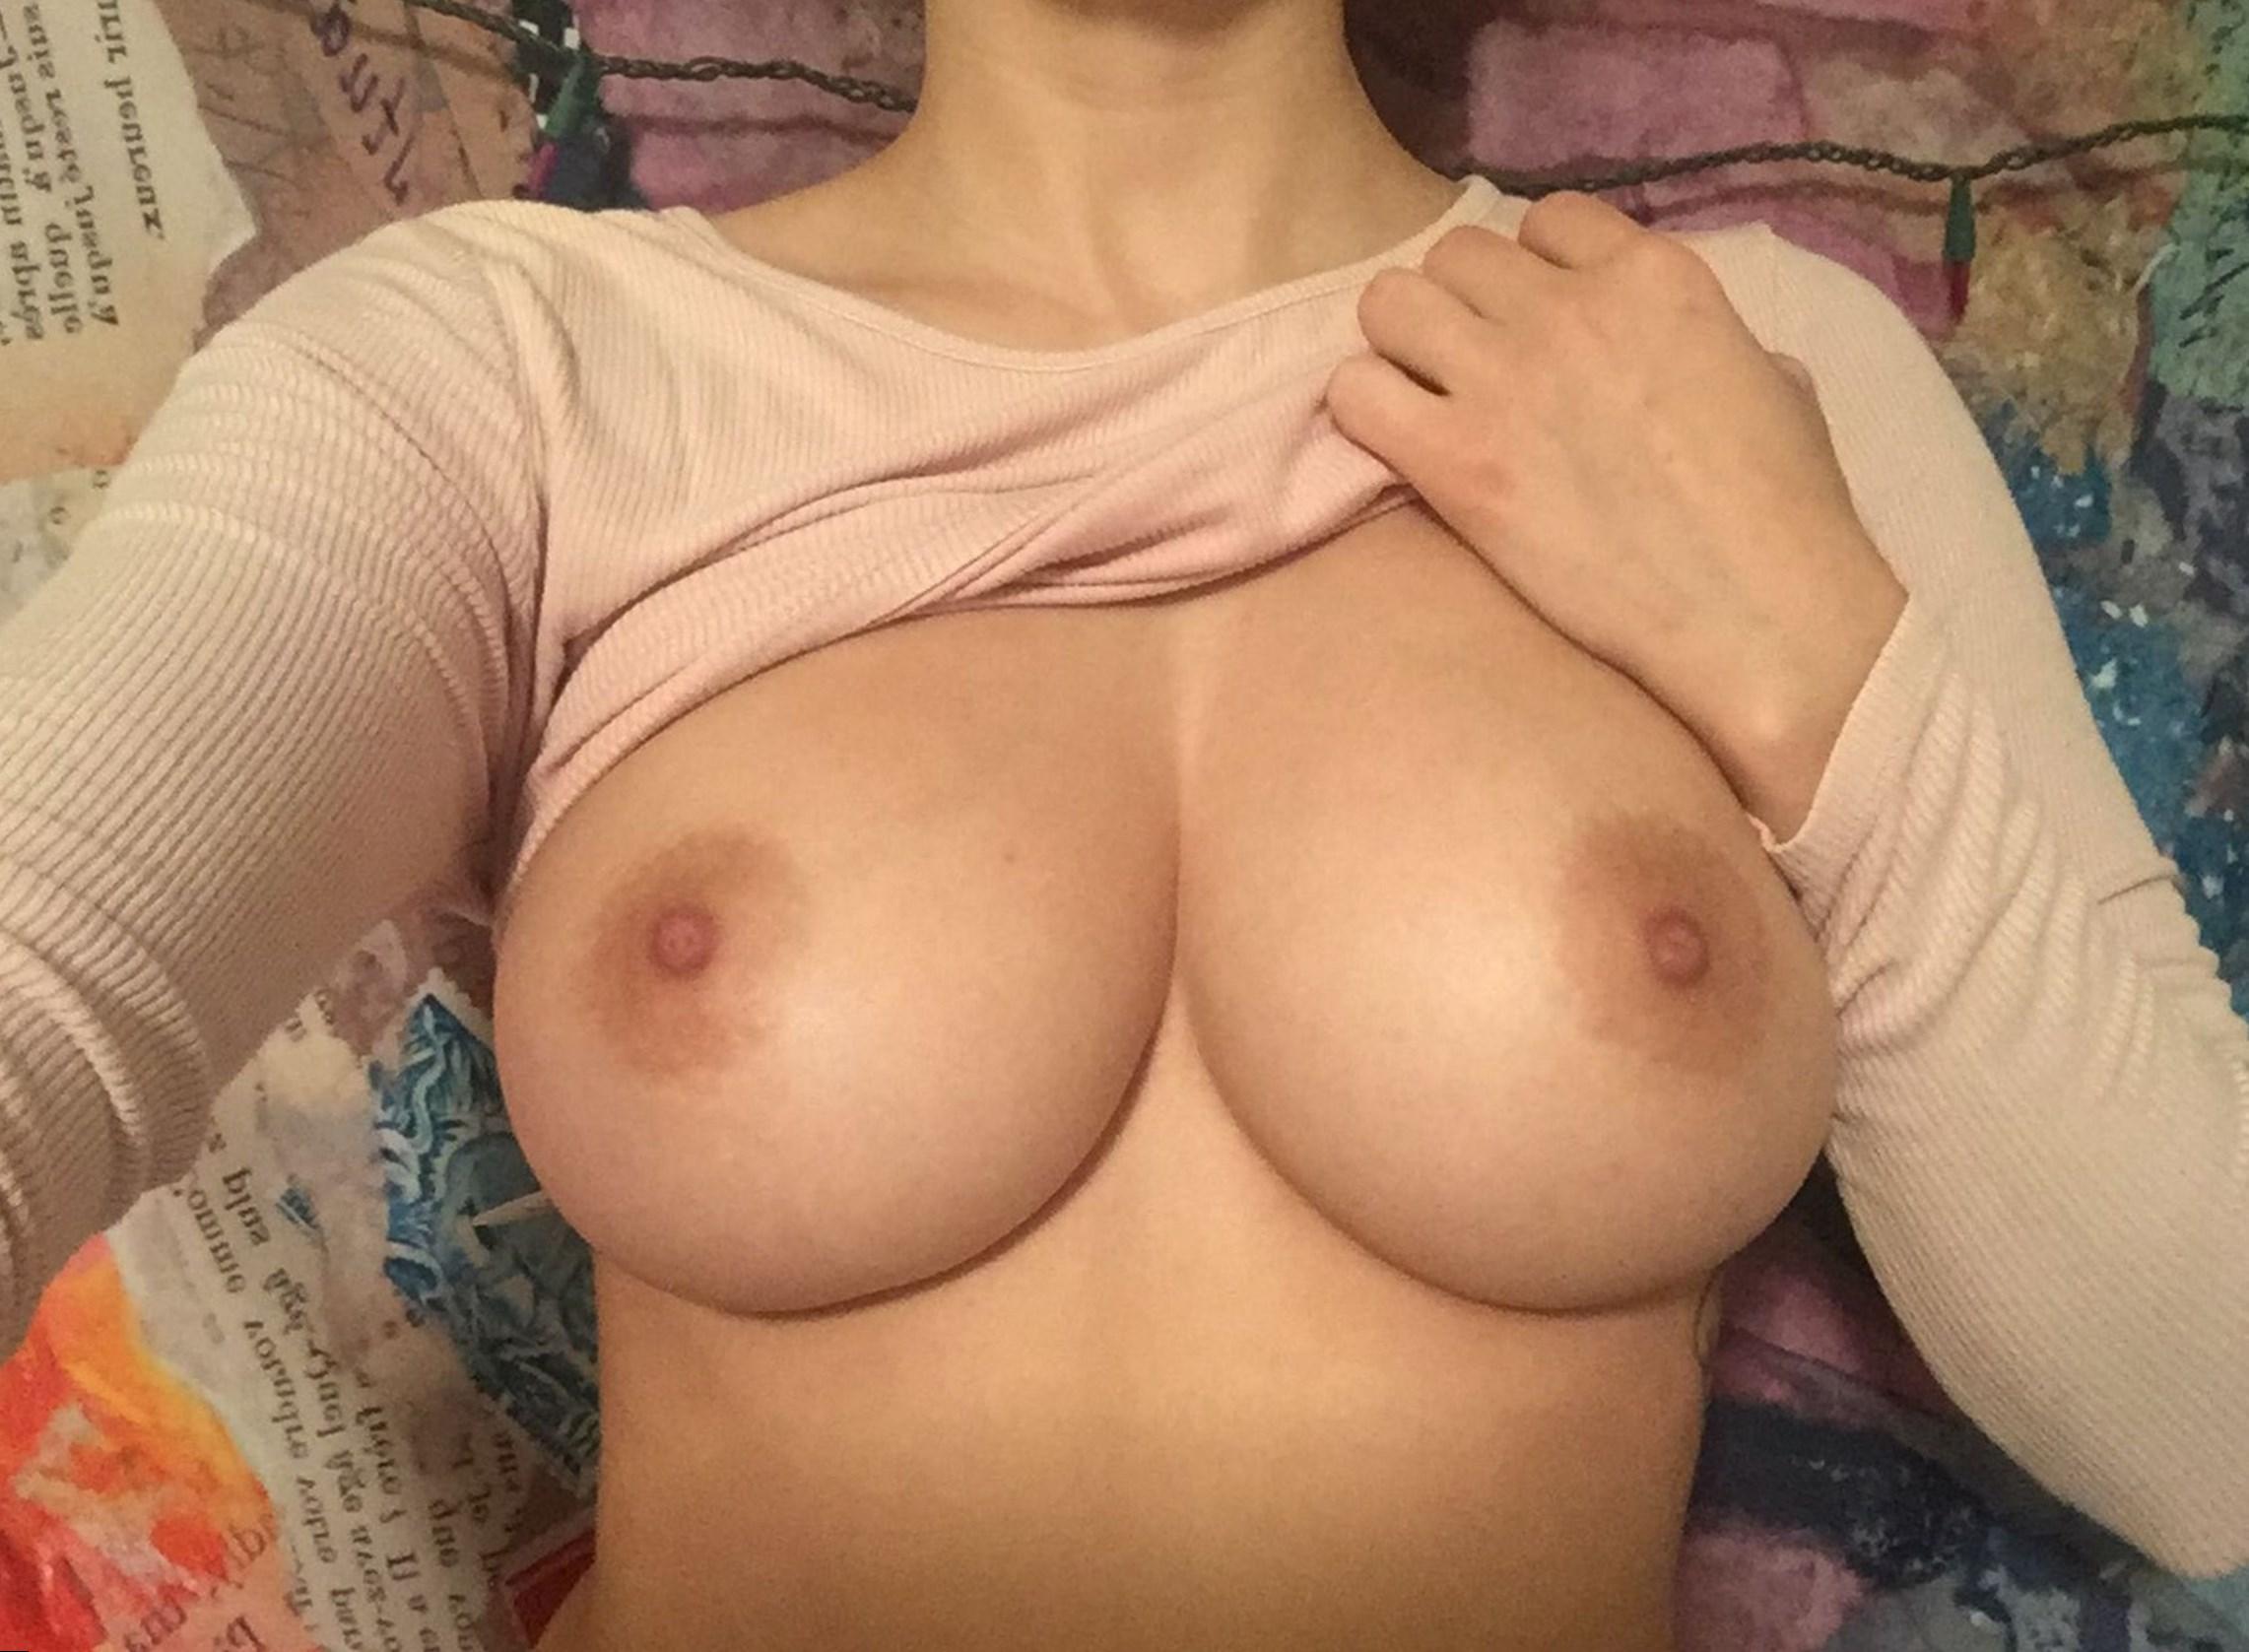 У и девушек как выглядит жопы груди фото размер 4